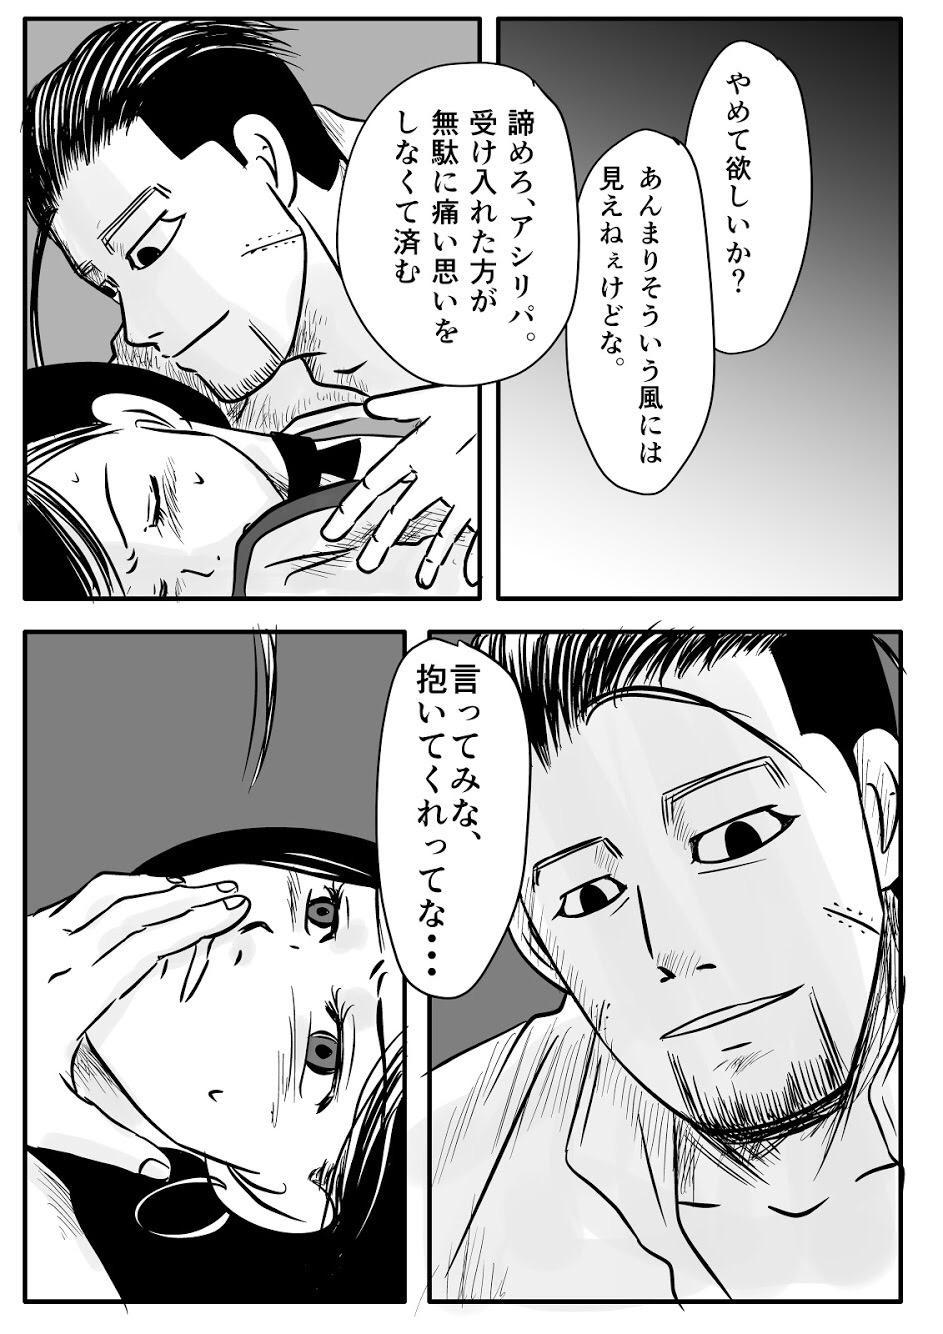 Toko no Koto 33